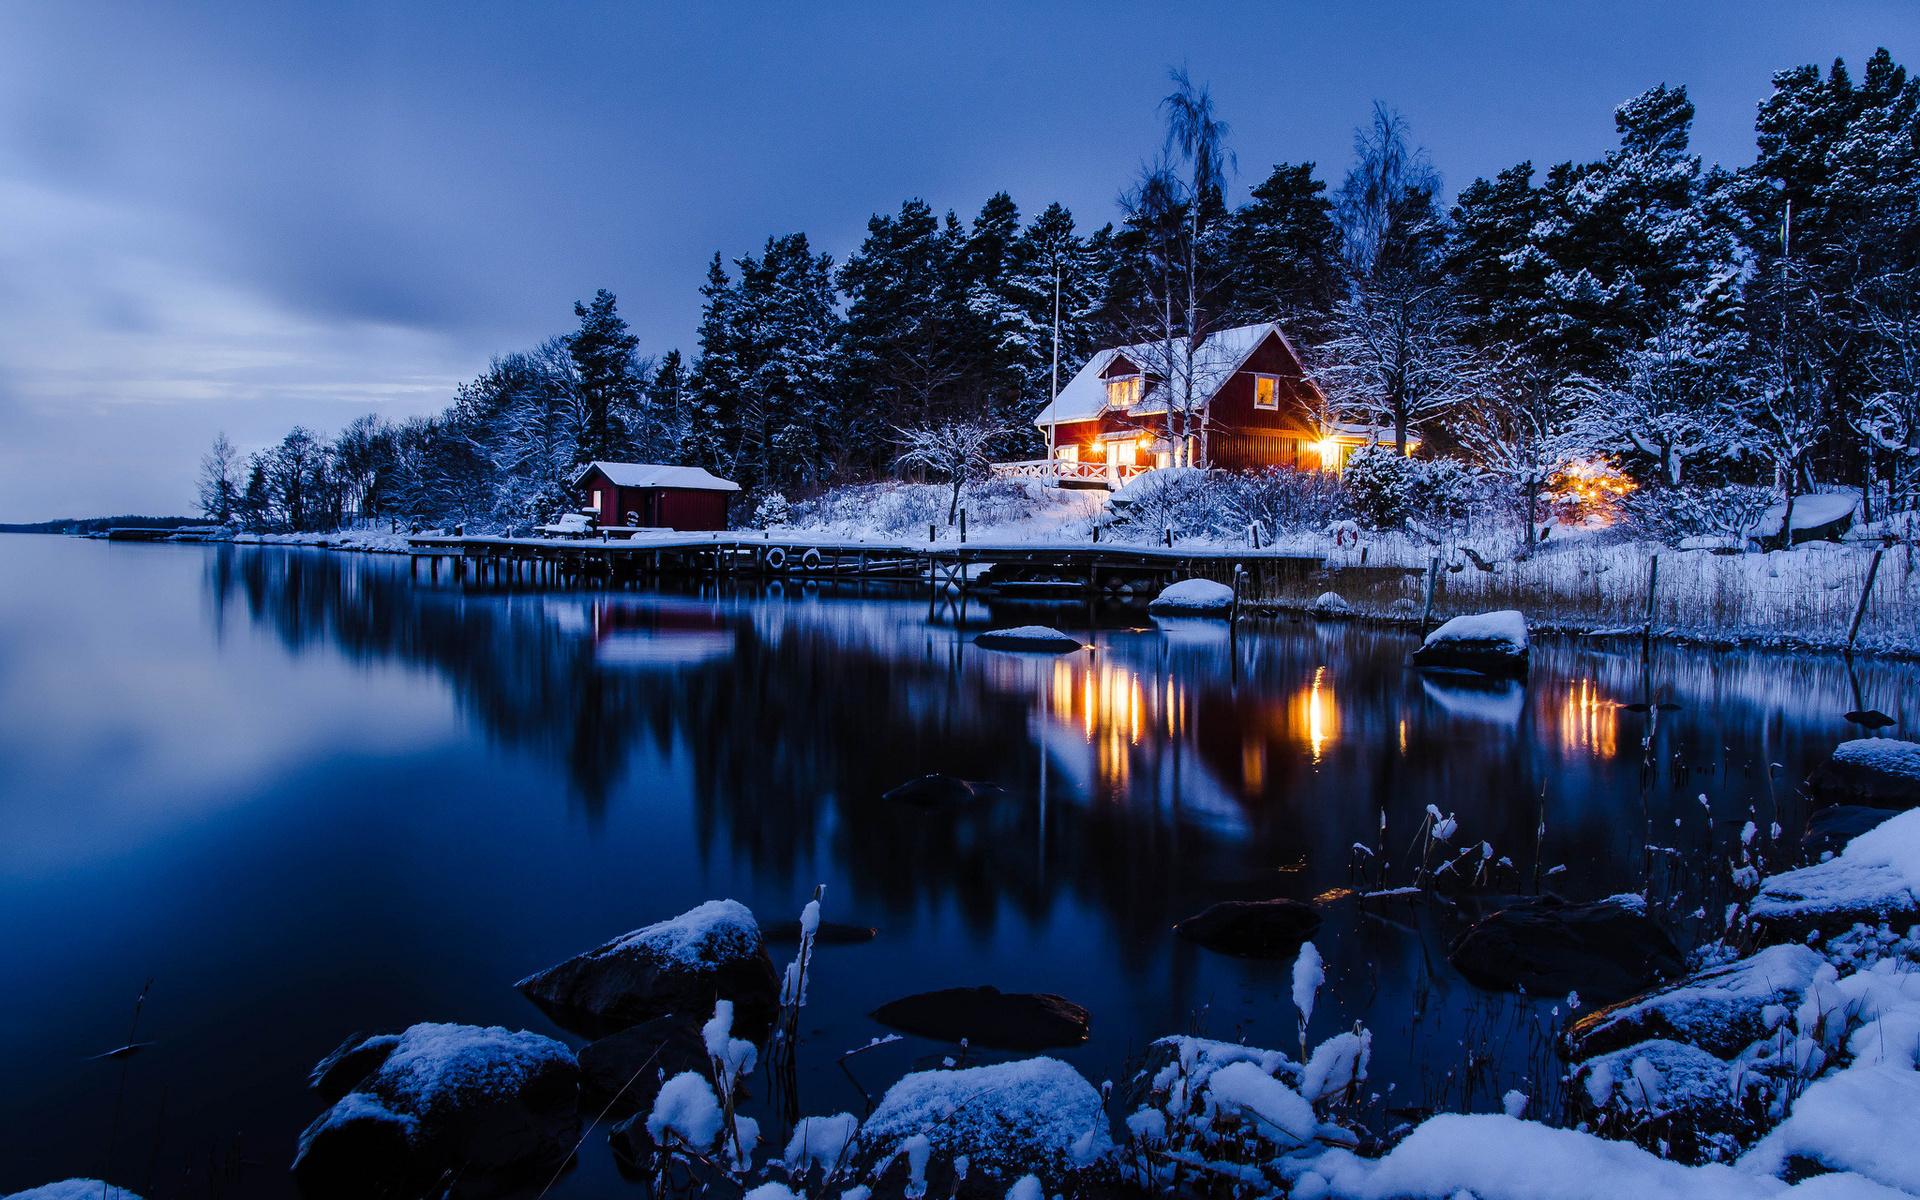 46206 Заставки и Обои Озера на телефон. Скачать Пейзаж, Озера, Зима, Природа, Снег картинки бесплатно